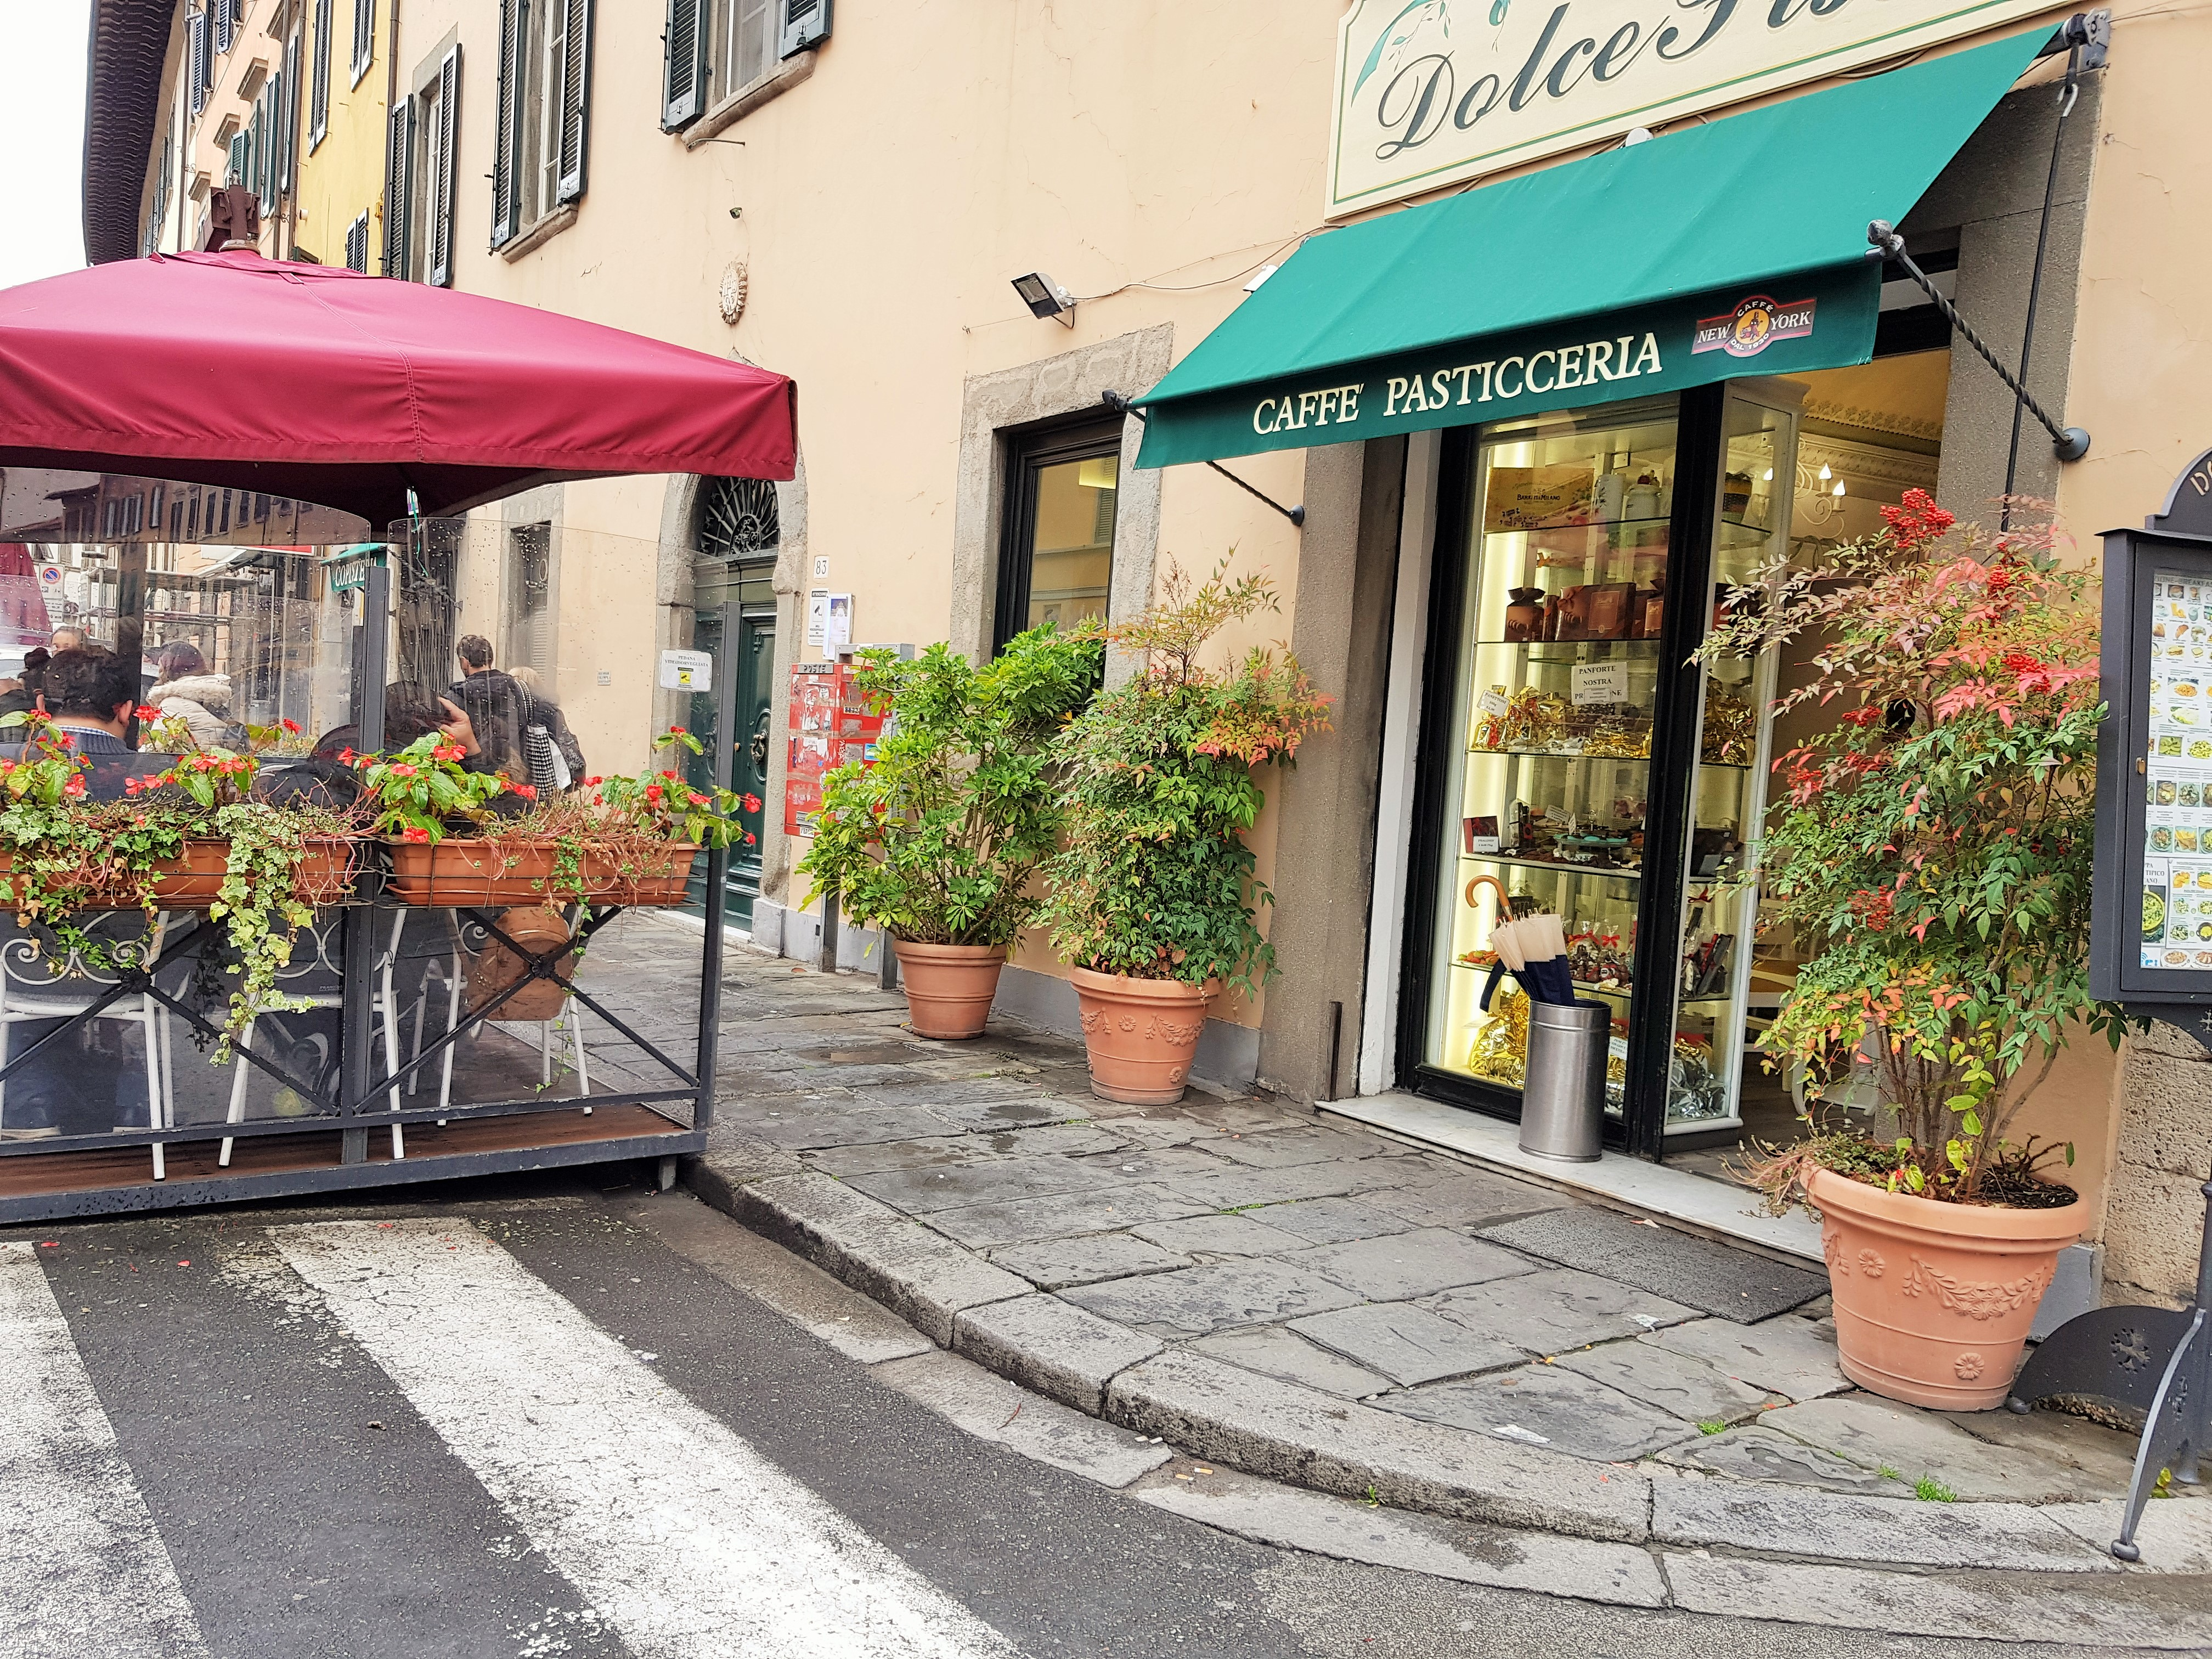 CAFFE' PASTICCERIA DOLCE PISA